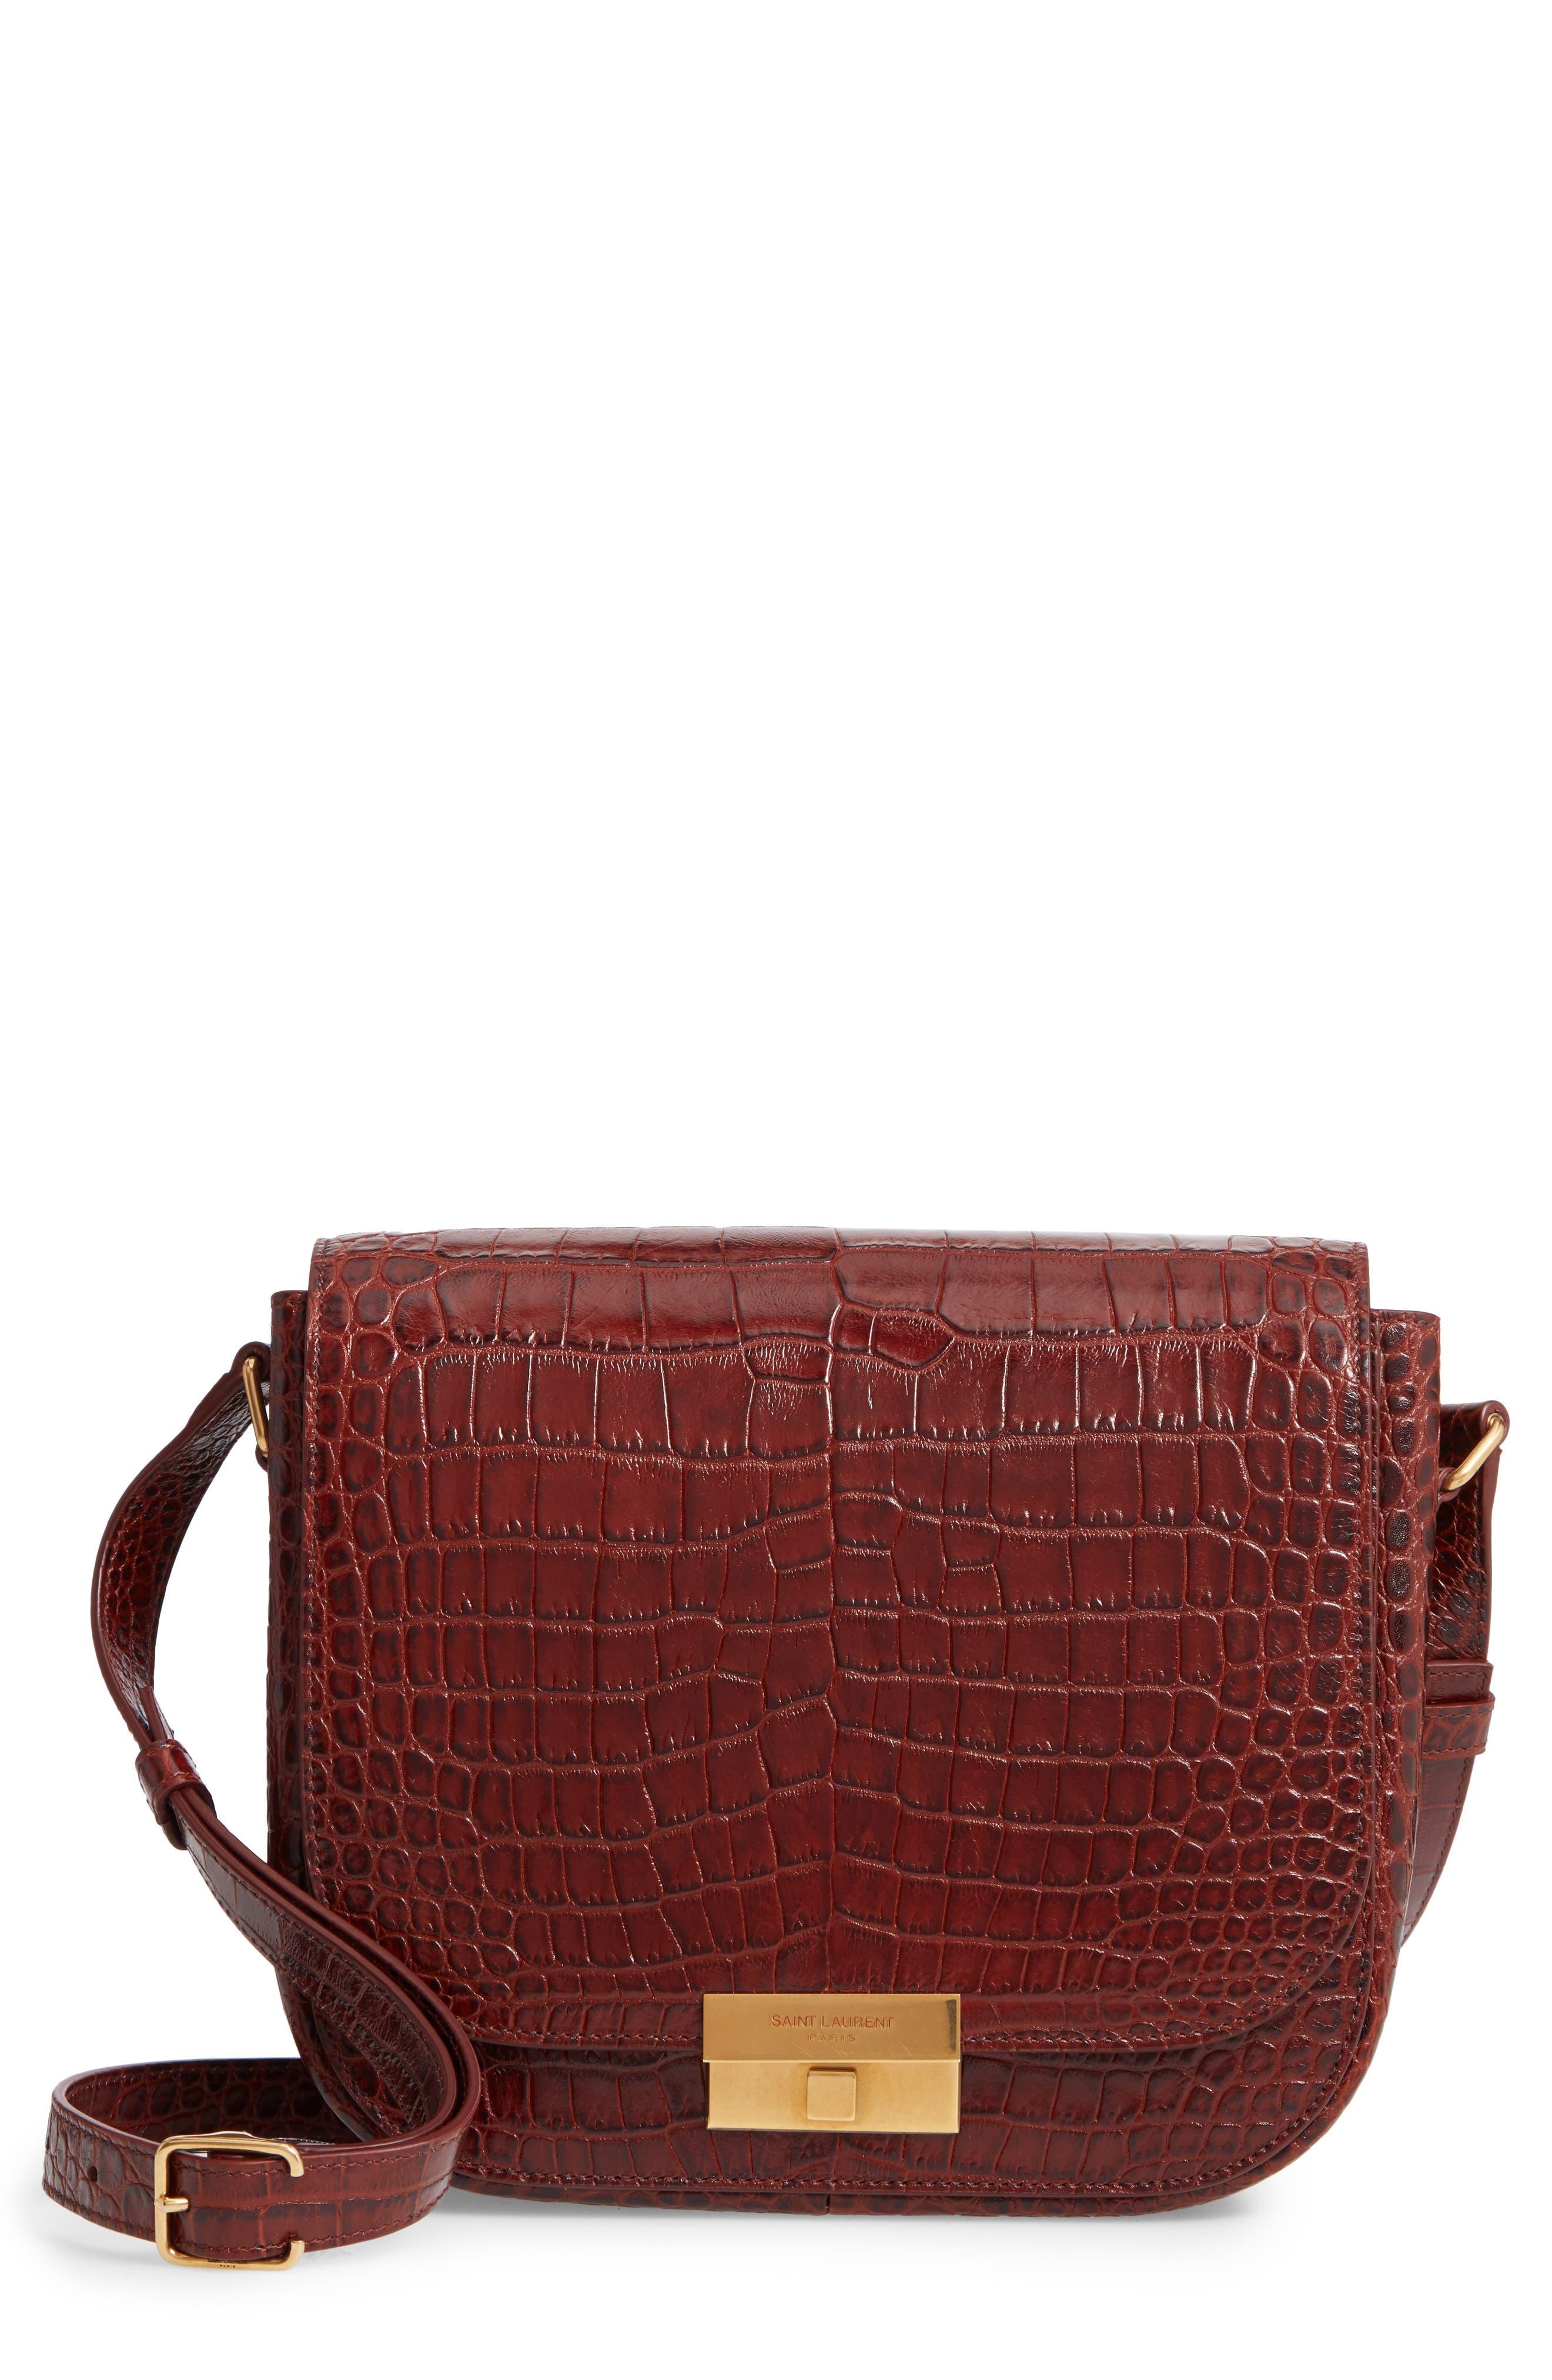 Betty Croc Embossed Leather Shoulder Bag,                         Main,                         color, DARK BLOOD